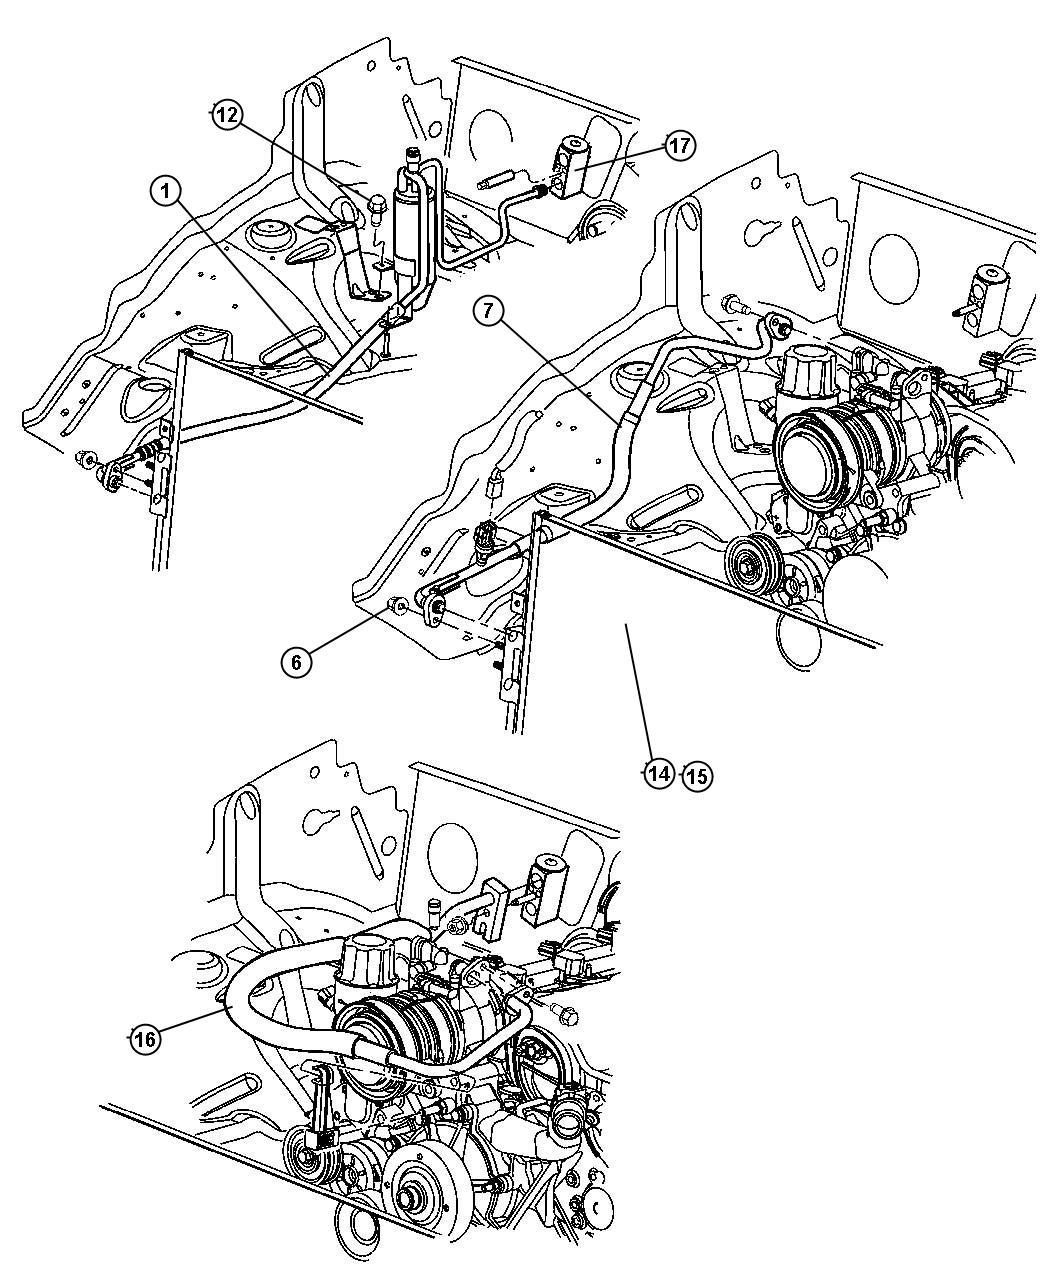 Audi A4 1 8t Vacuum Diagram